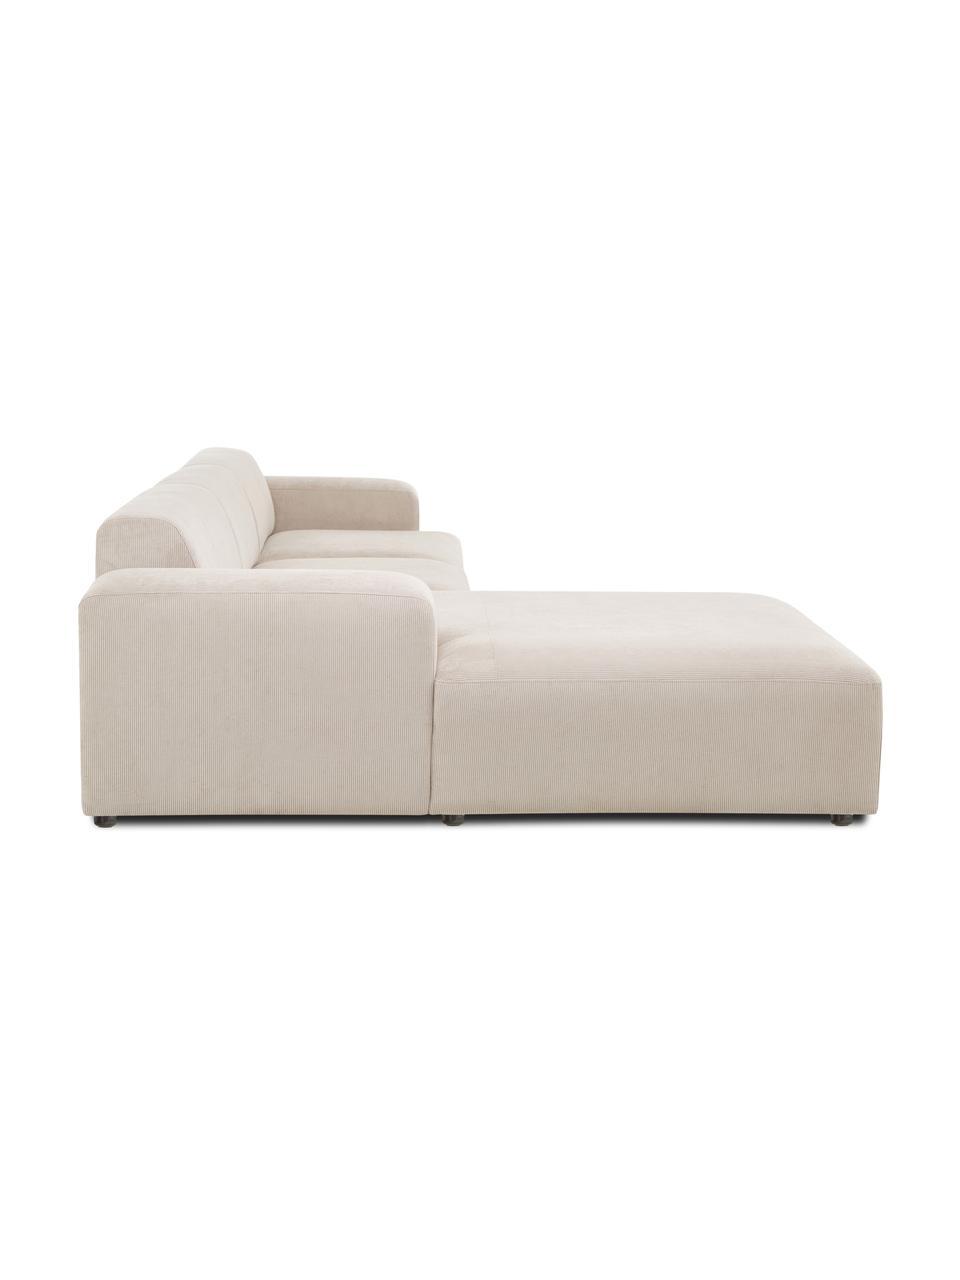 Canapé d'angle 4 places velours côtelé beige Melva, Velours côtelé beige